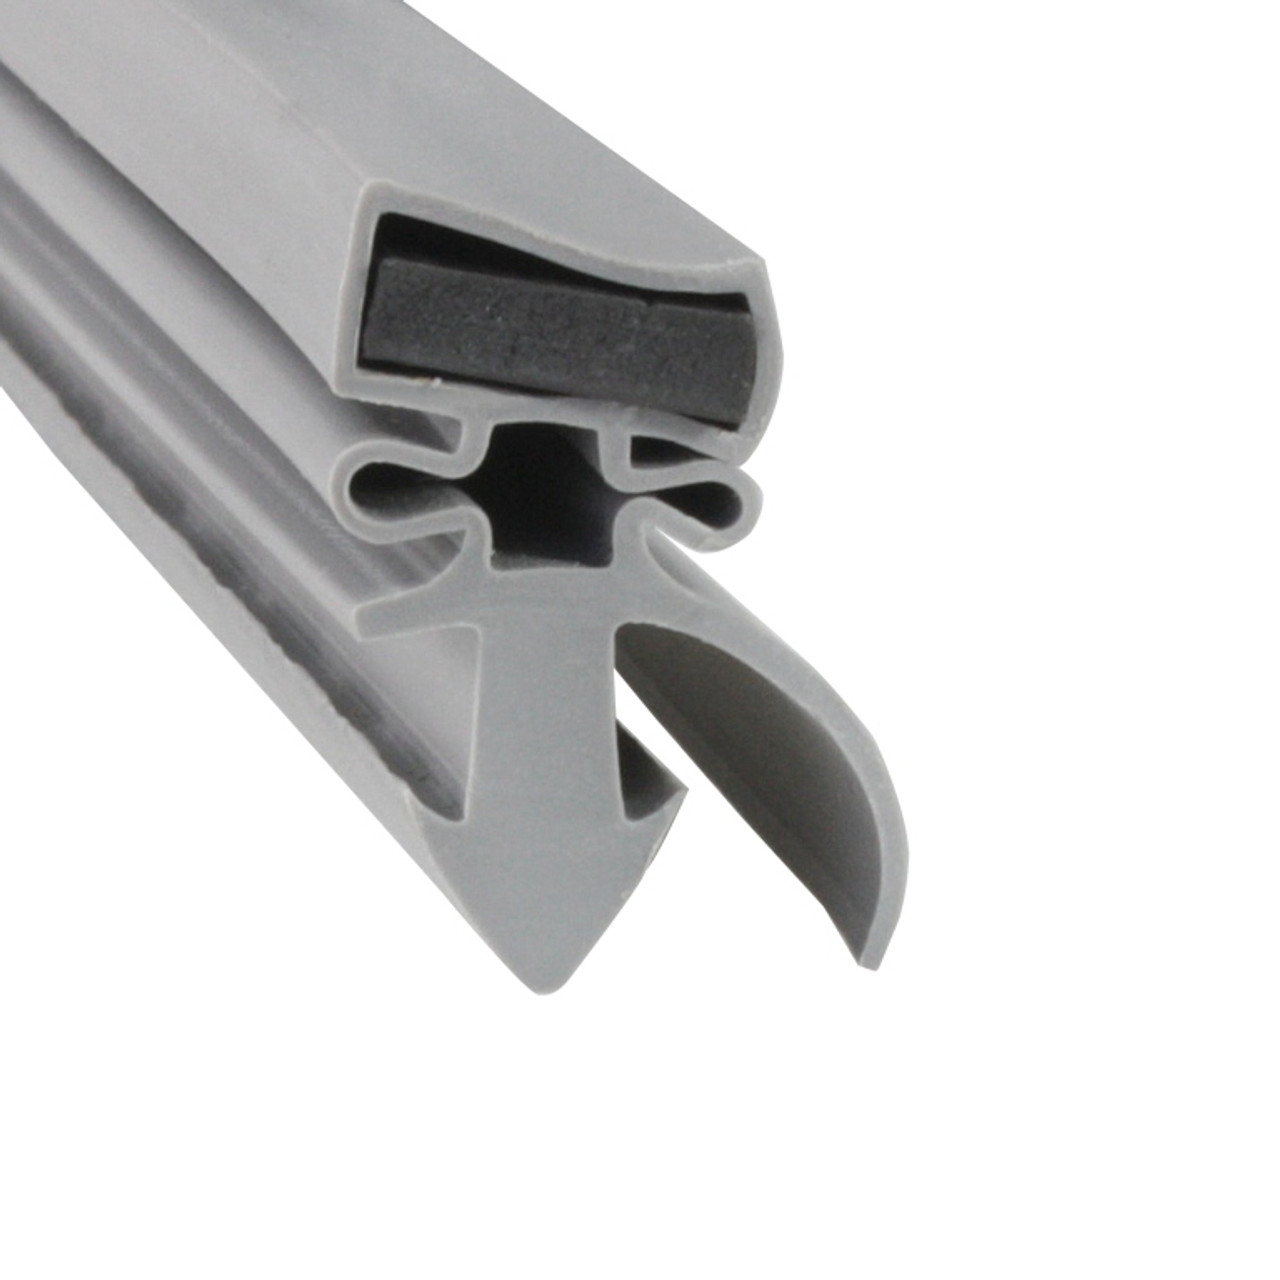 Silver-King-Cooler-and-Freezer-Door-Gasket-26-3-4-x-28-1-8